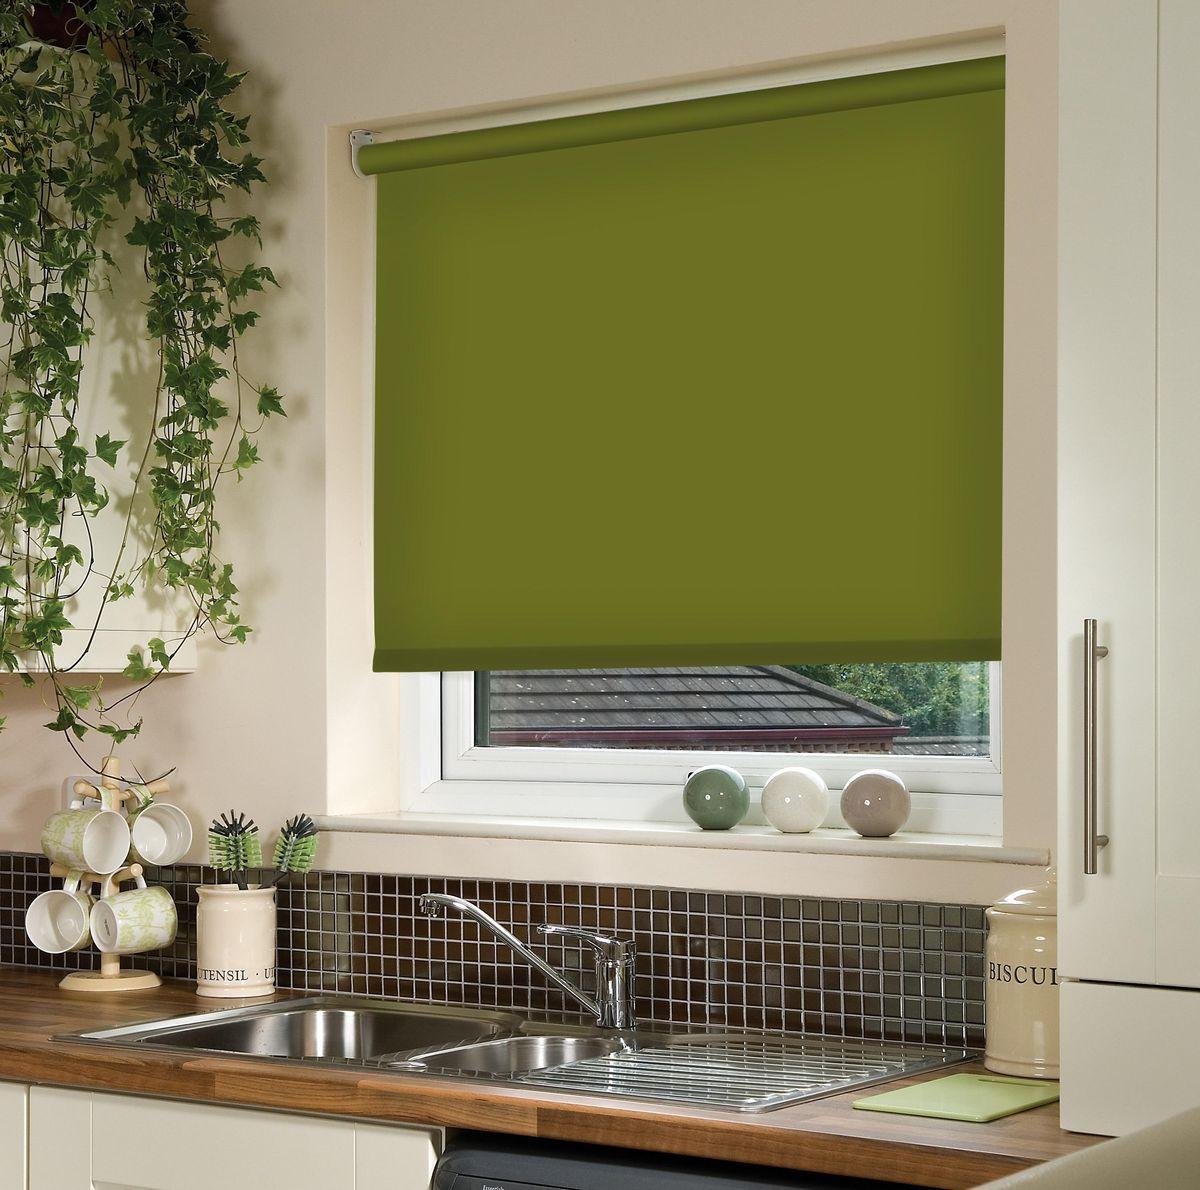 Штора рулонная Эскар, цвет: темно-оливковый, ширина 150 см, высота 170 см80621Рулонными шторами можно оформлять окна как самостоятельно, так и использовать в комбинации с портьерами. Это поможет предотвратить выгорание дорогой ткани на солнце и соединит функционал рулонных с красотой навесных.Преимущества применения рулонных штор для пластиковых окон:- имеют прекрасный внешний вид: многообразие и фактурность материала изделия отлично смотрятся в любом интерьере; - многофункциональны: есть возможность подобрать шторы способные эффективно защитить комнату от солнца, при этом о на не будет слишком темной. - Есть возможность осуществить быстрый монтаж. ВНИМАНИЕ! Размеры ширины изделия указаны по ширине ткани!Во время эксплуатации не рекомендуется полностью разматывать рулон, чтобы не оторвать ткань от намоточного вала.В случае загрязнения поверхности ткани, чистку шторы проводят одним из способов, в зависимости от типа загрязнения: легкое поверхностное загрязнение можно удалить при помощи канцелярского ластика; чистка от пыли производится сухим методом при помощи пылесоса с мягкой щеткой-насадкой; для удаления пятна используйте мягкую губку с пенообразующим неагрессивным моющим средством или пятновыводитель на натуральной основе (нельзя применять растворители).